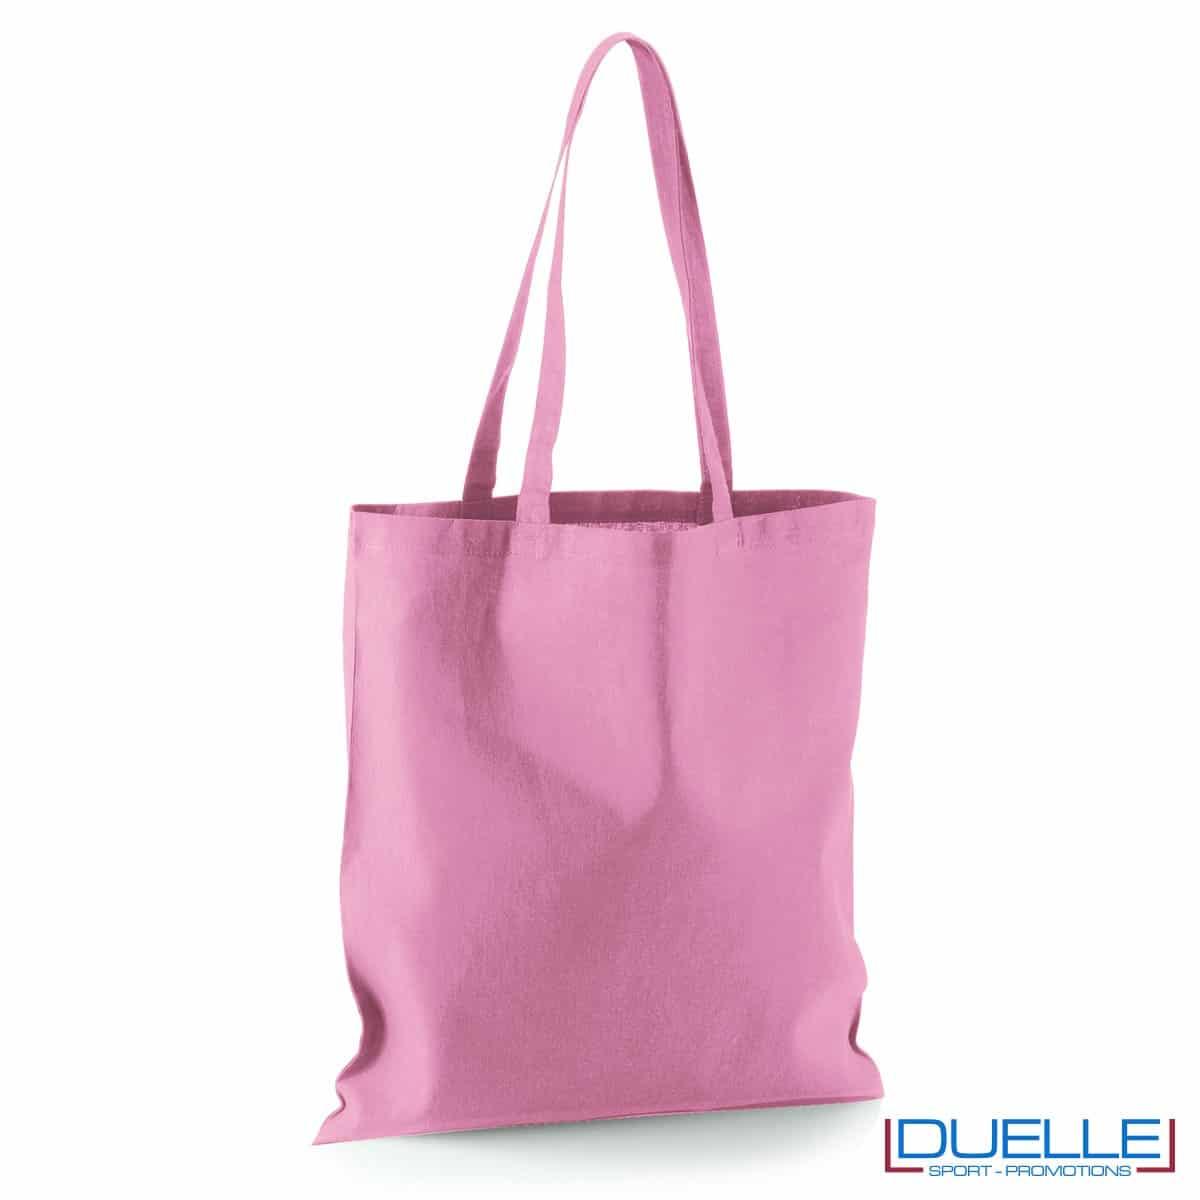 Shopper personalizzata in puro cotone rosa